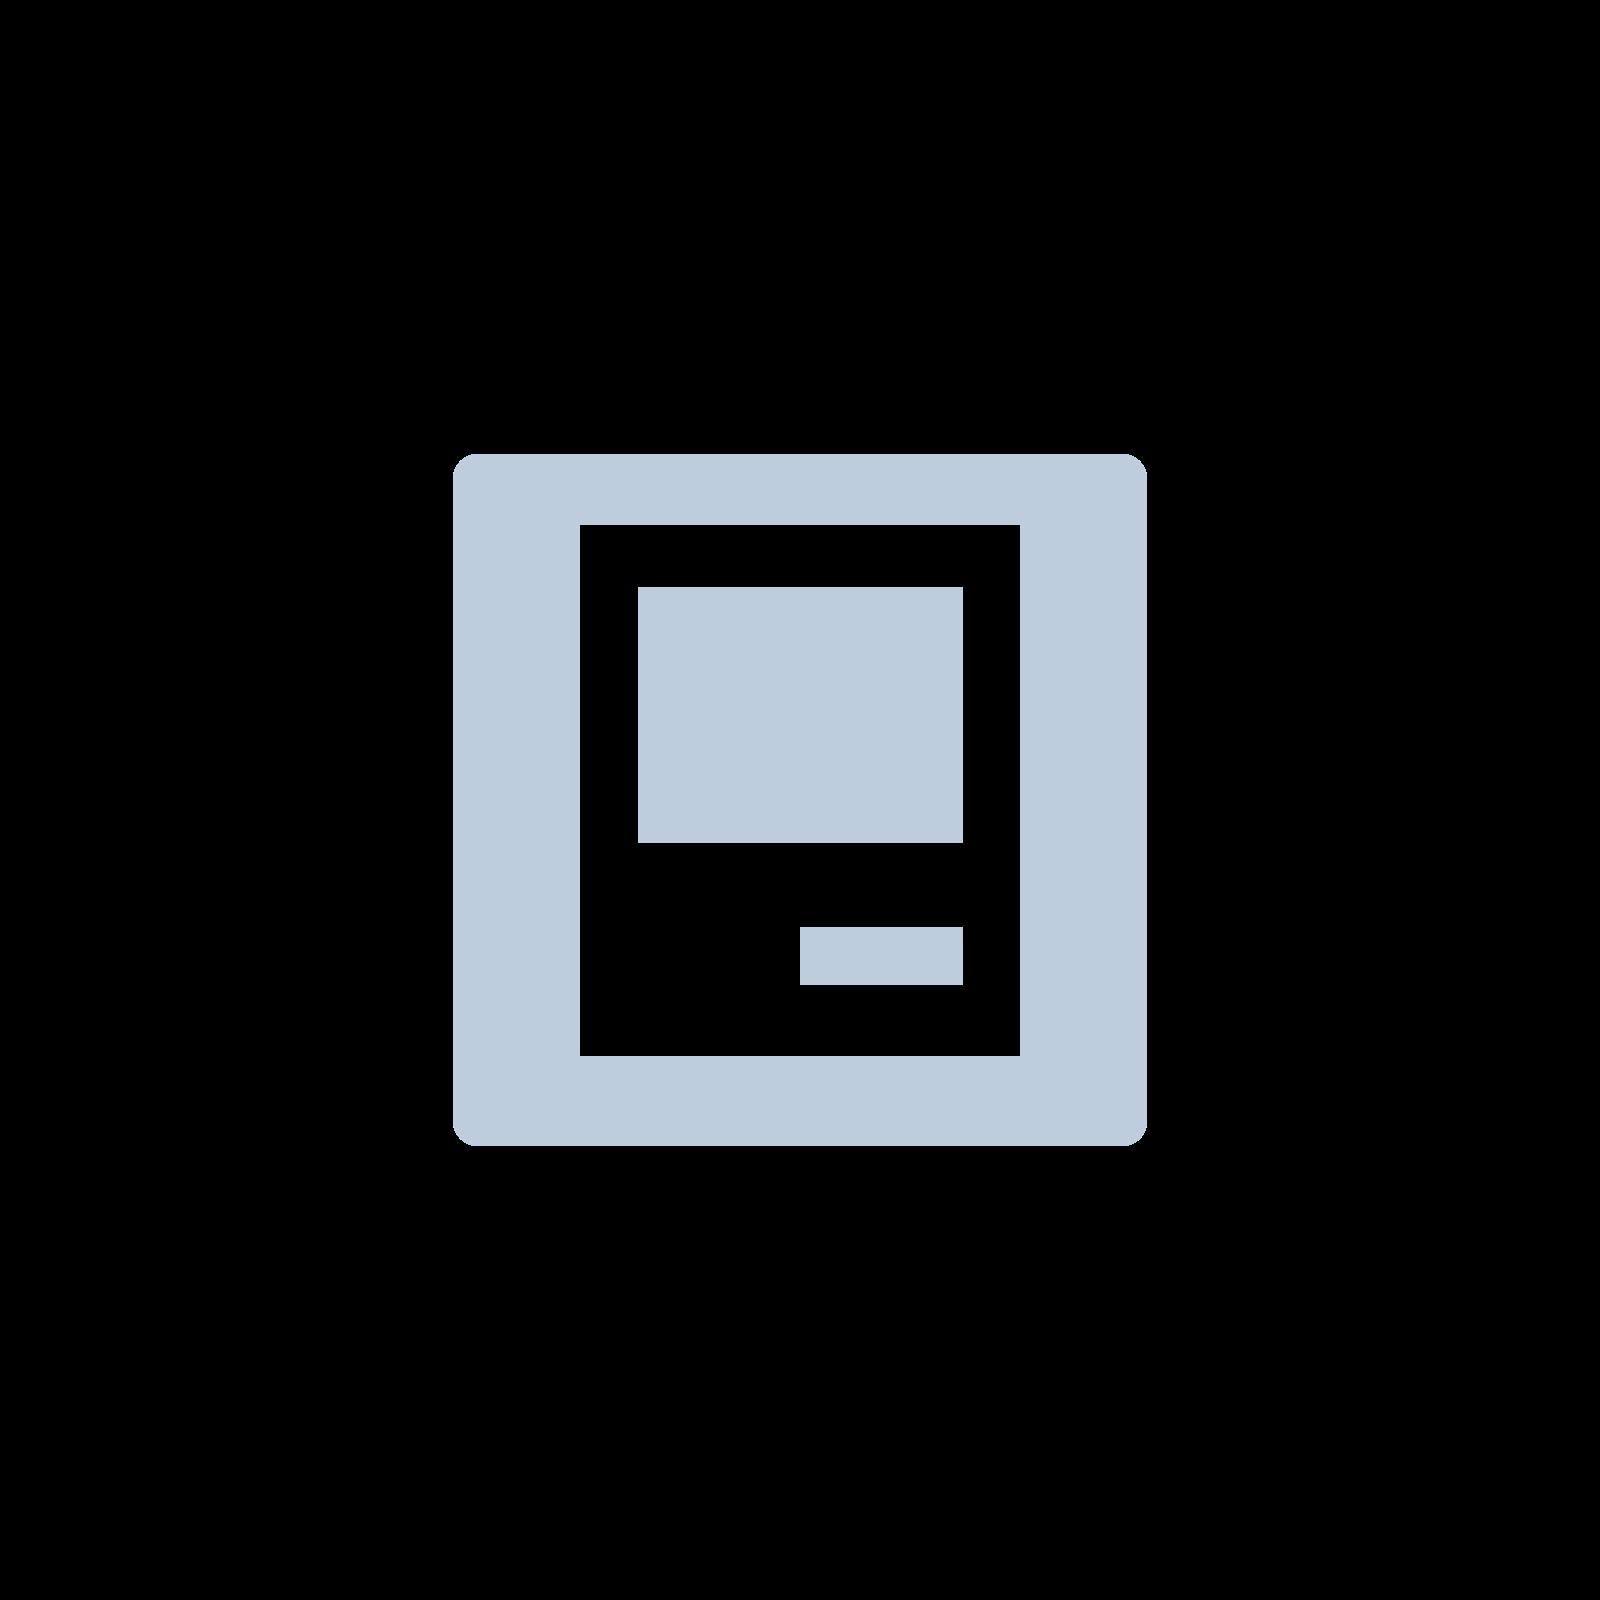 Apple iPad (5. Generation) 32GB Wi-Fi + Cellular Space Grau